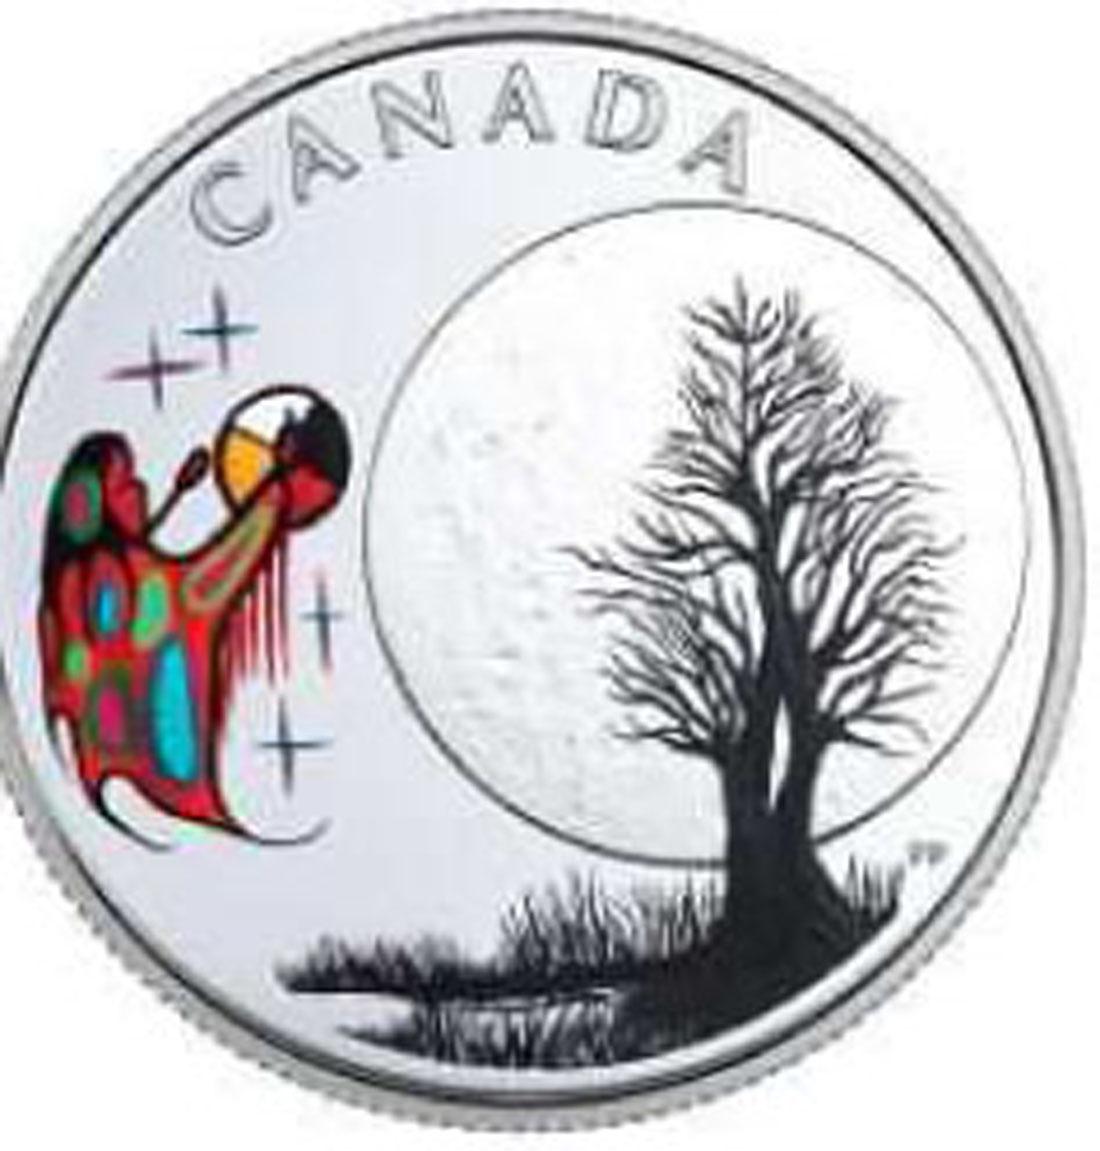 Lieferumfang:Kanada : 3 Dollar Big Spirit Moon - Die 13 Lehren von Grandm. Moon  2018 PP